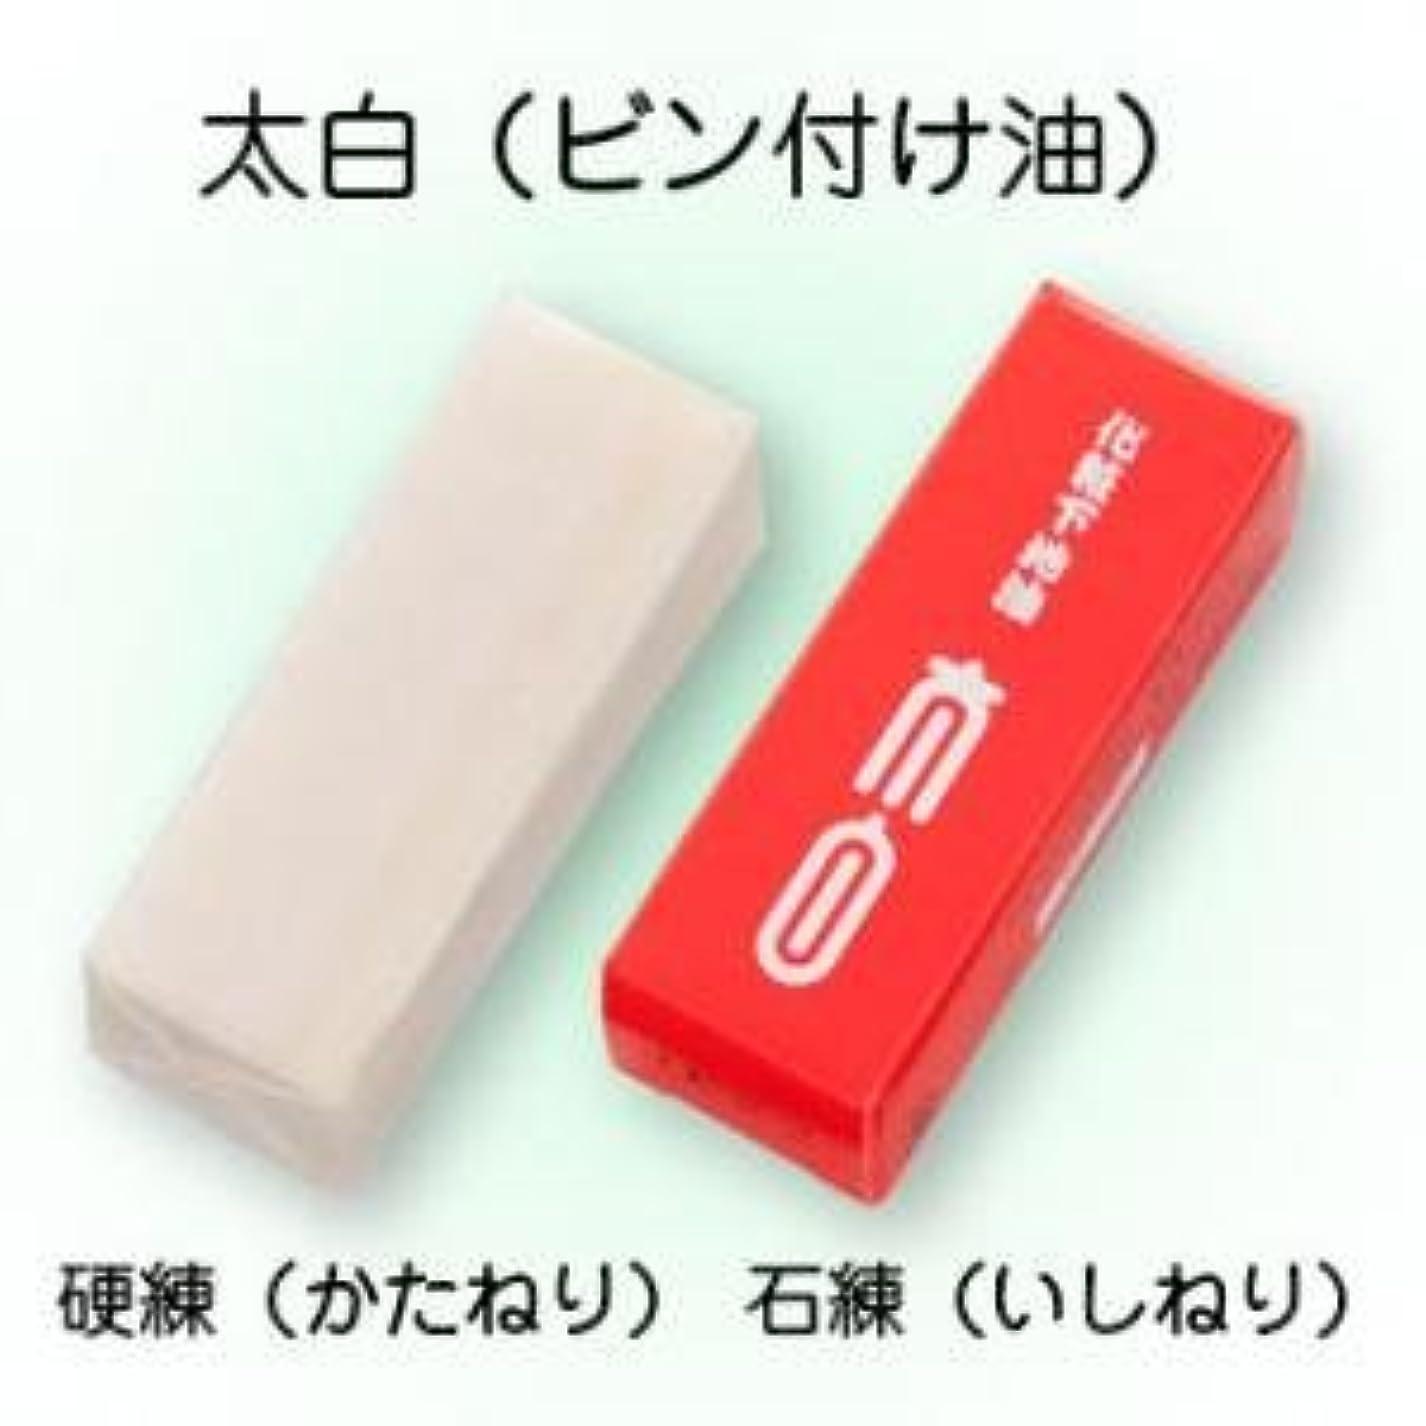 発掘する強度セグメント太白(たいはく)ビン付け油 40g (硬練)【三善】